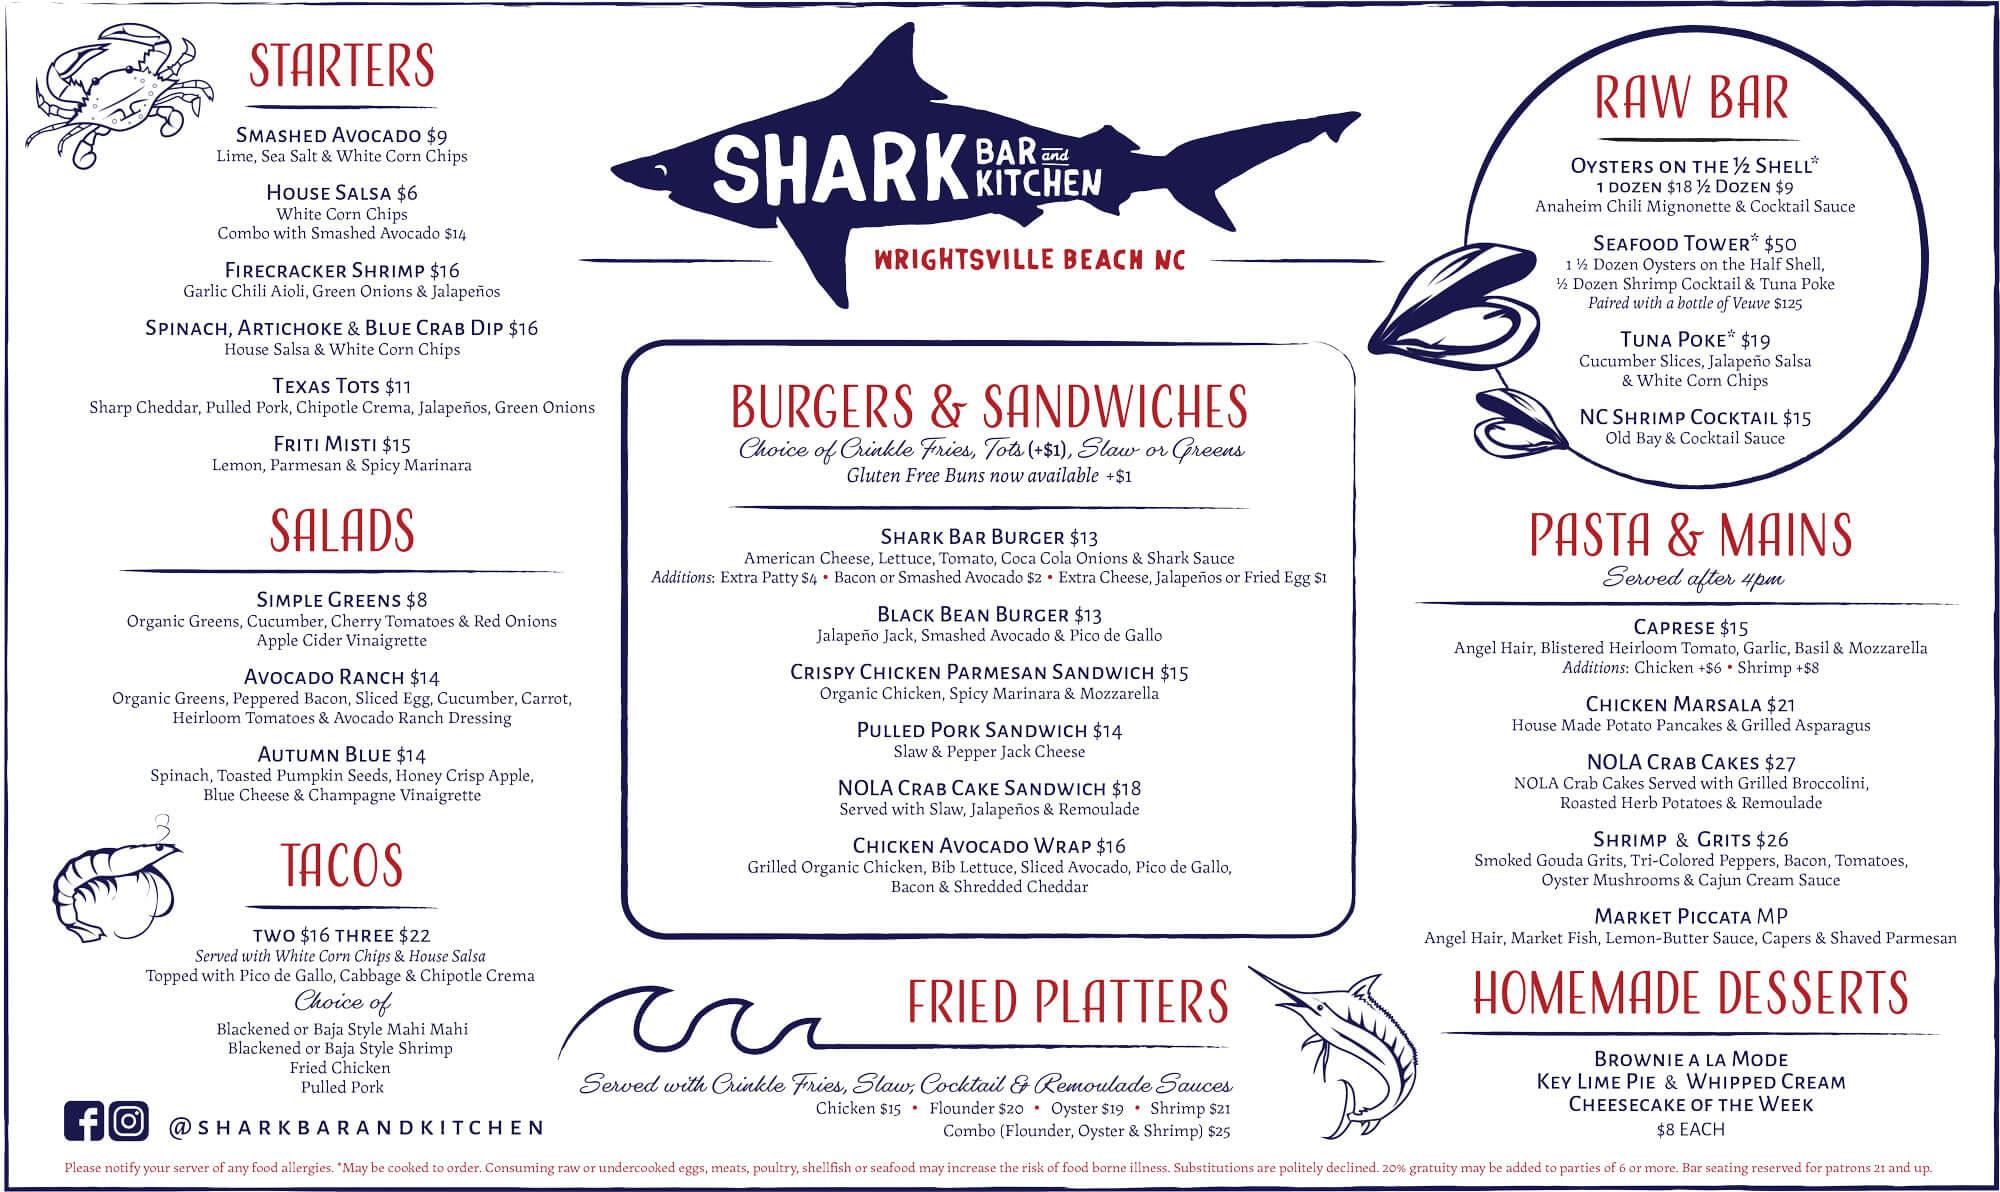 Shark Bar Menu